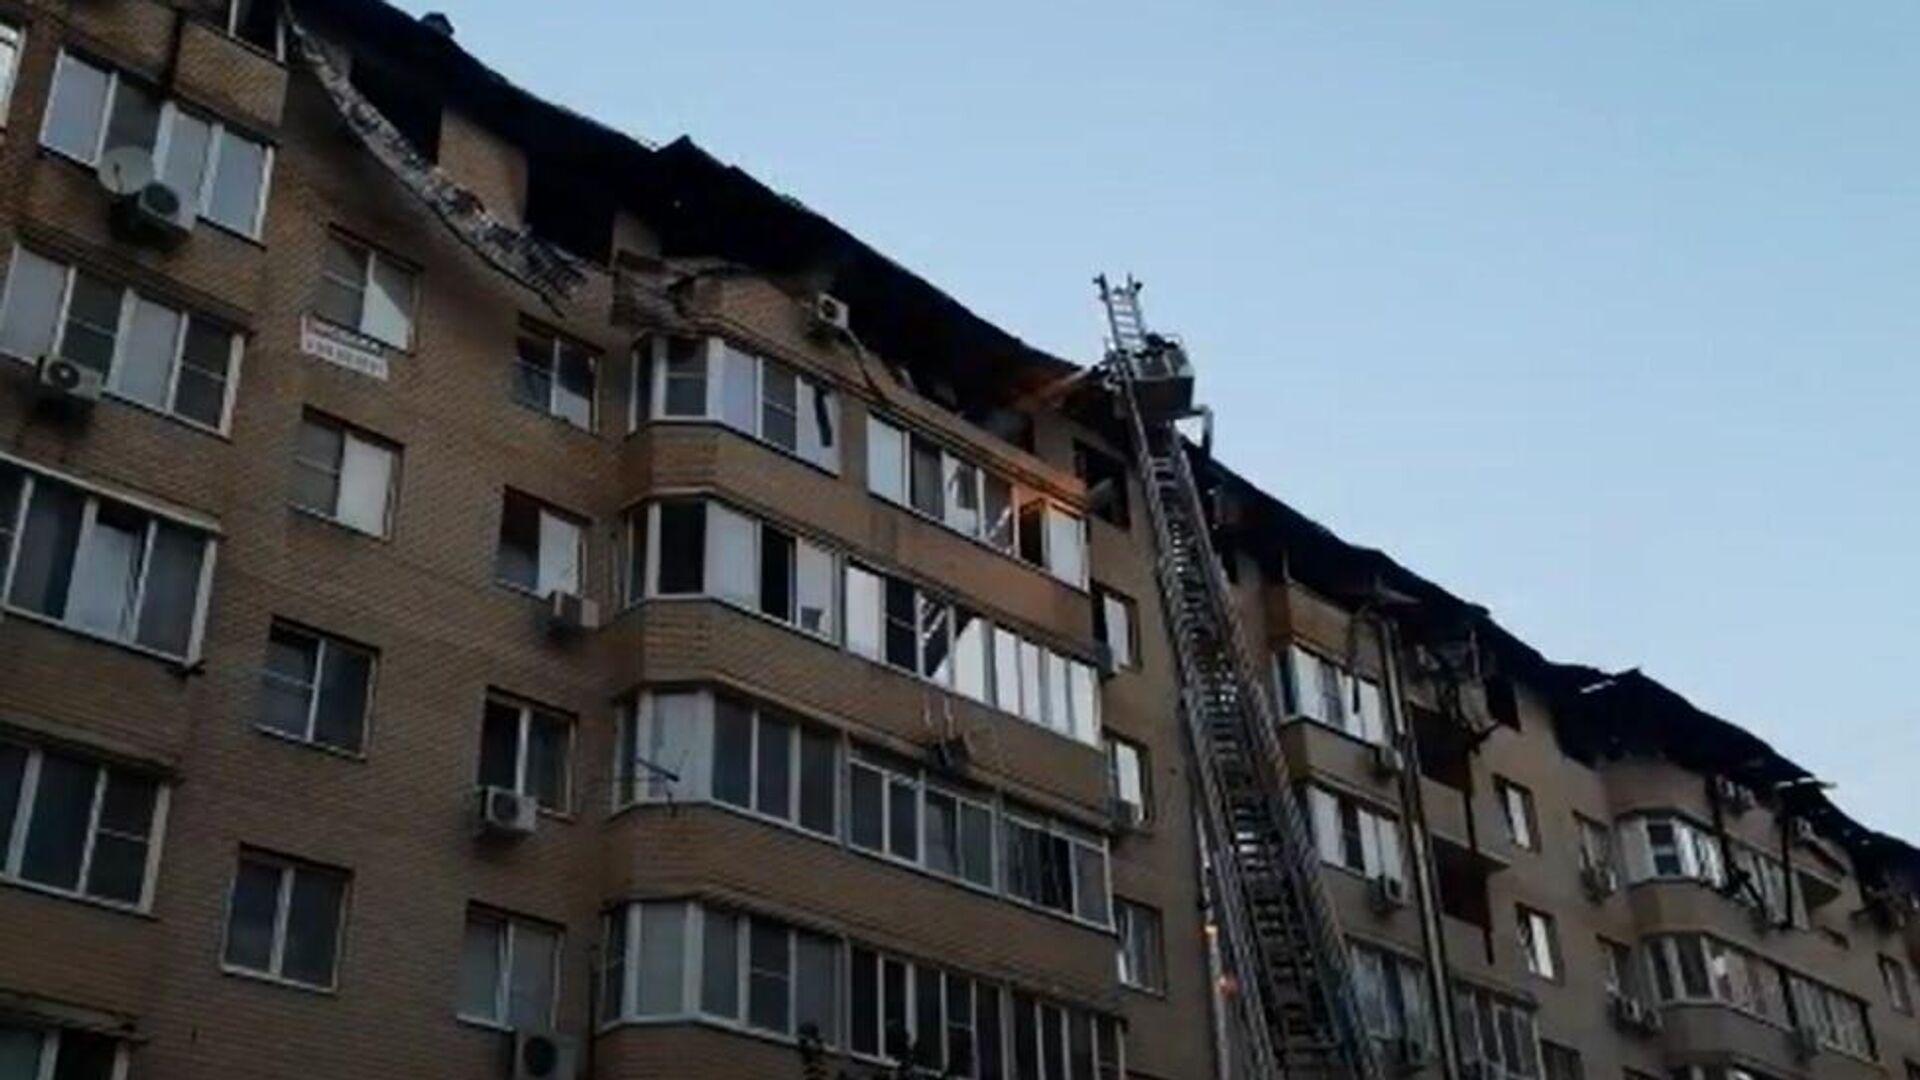 Ликвидация пожара в Краснодаре. 13 сентября 2020 - РИА Новости, 1920, 14.09.2020